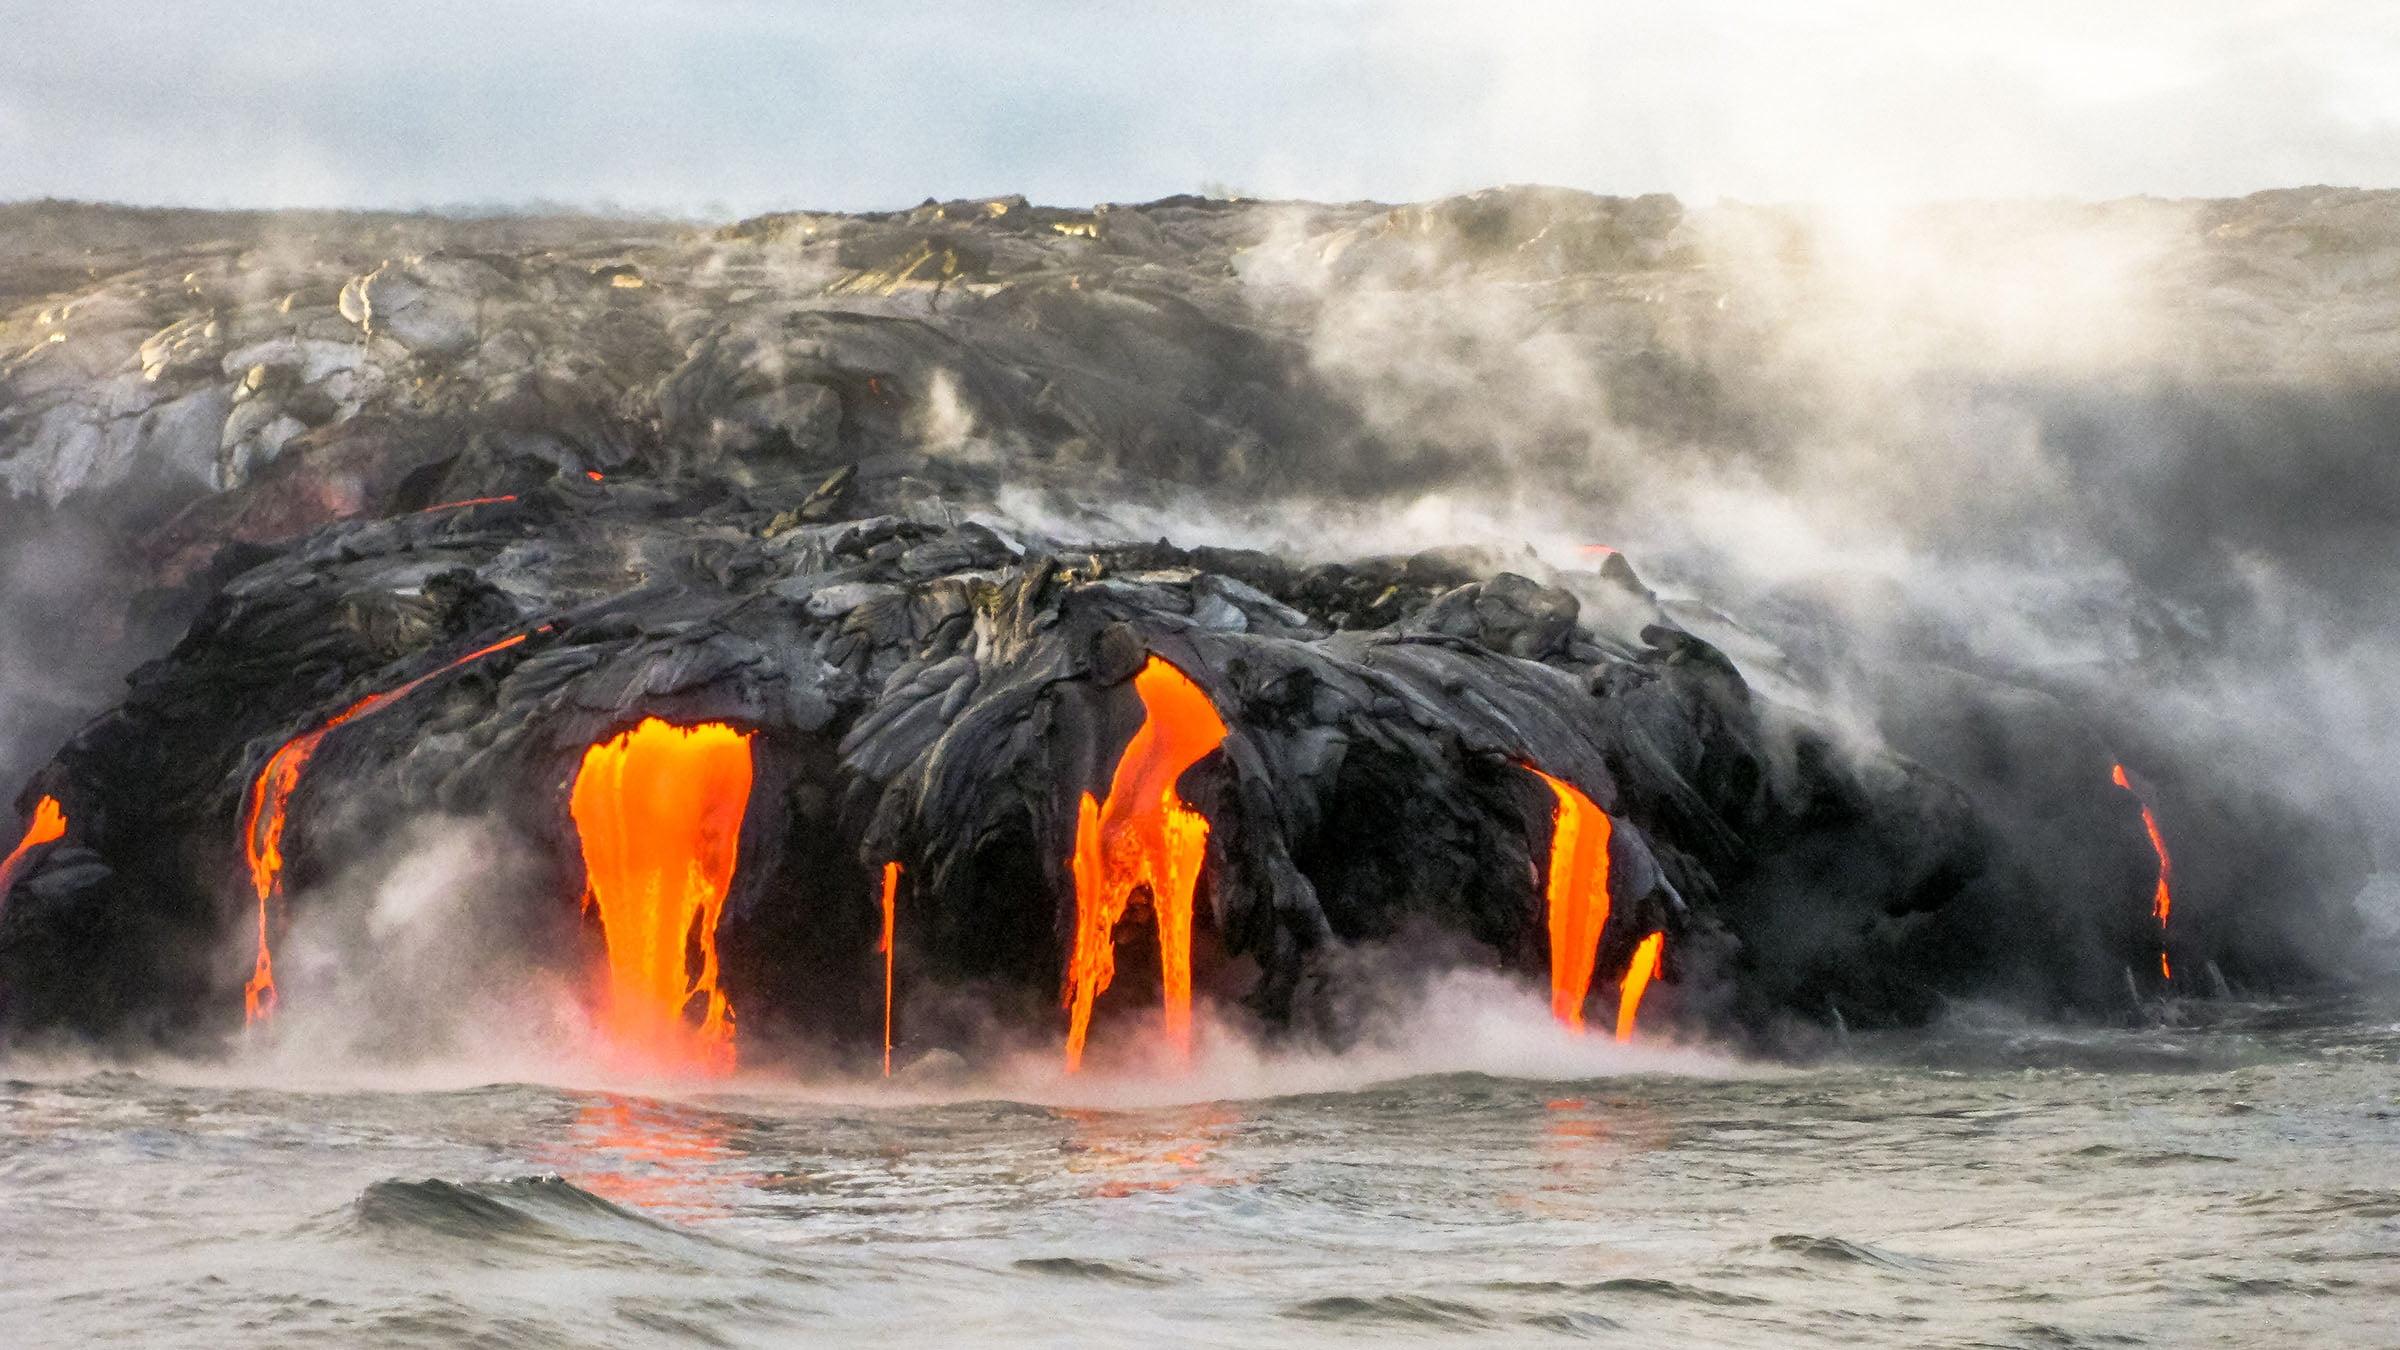 principales volcanes del mundo Kilauea